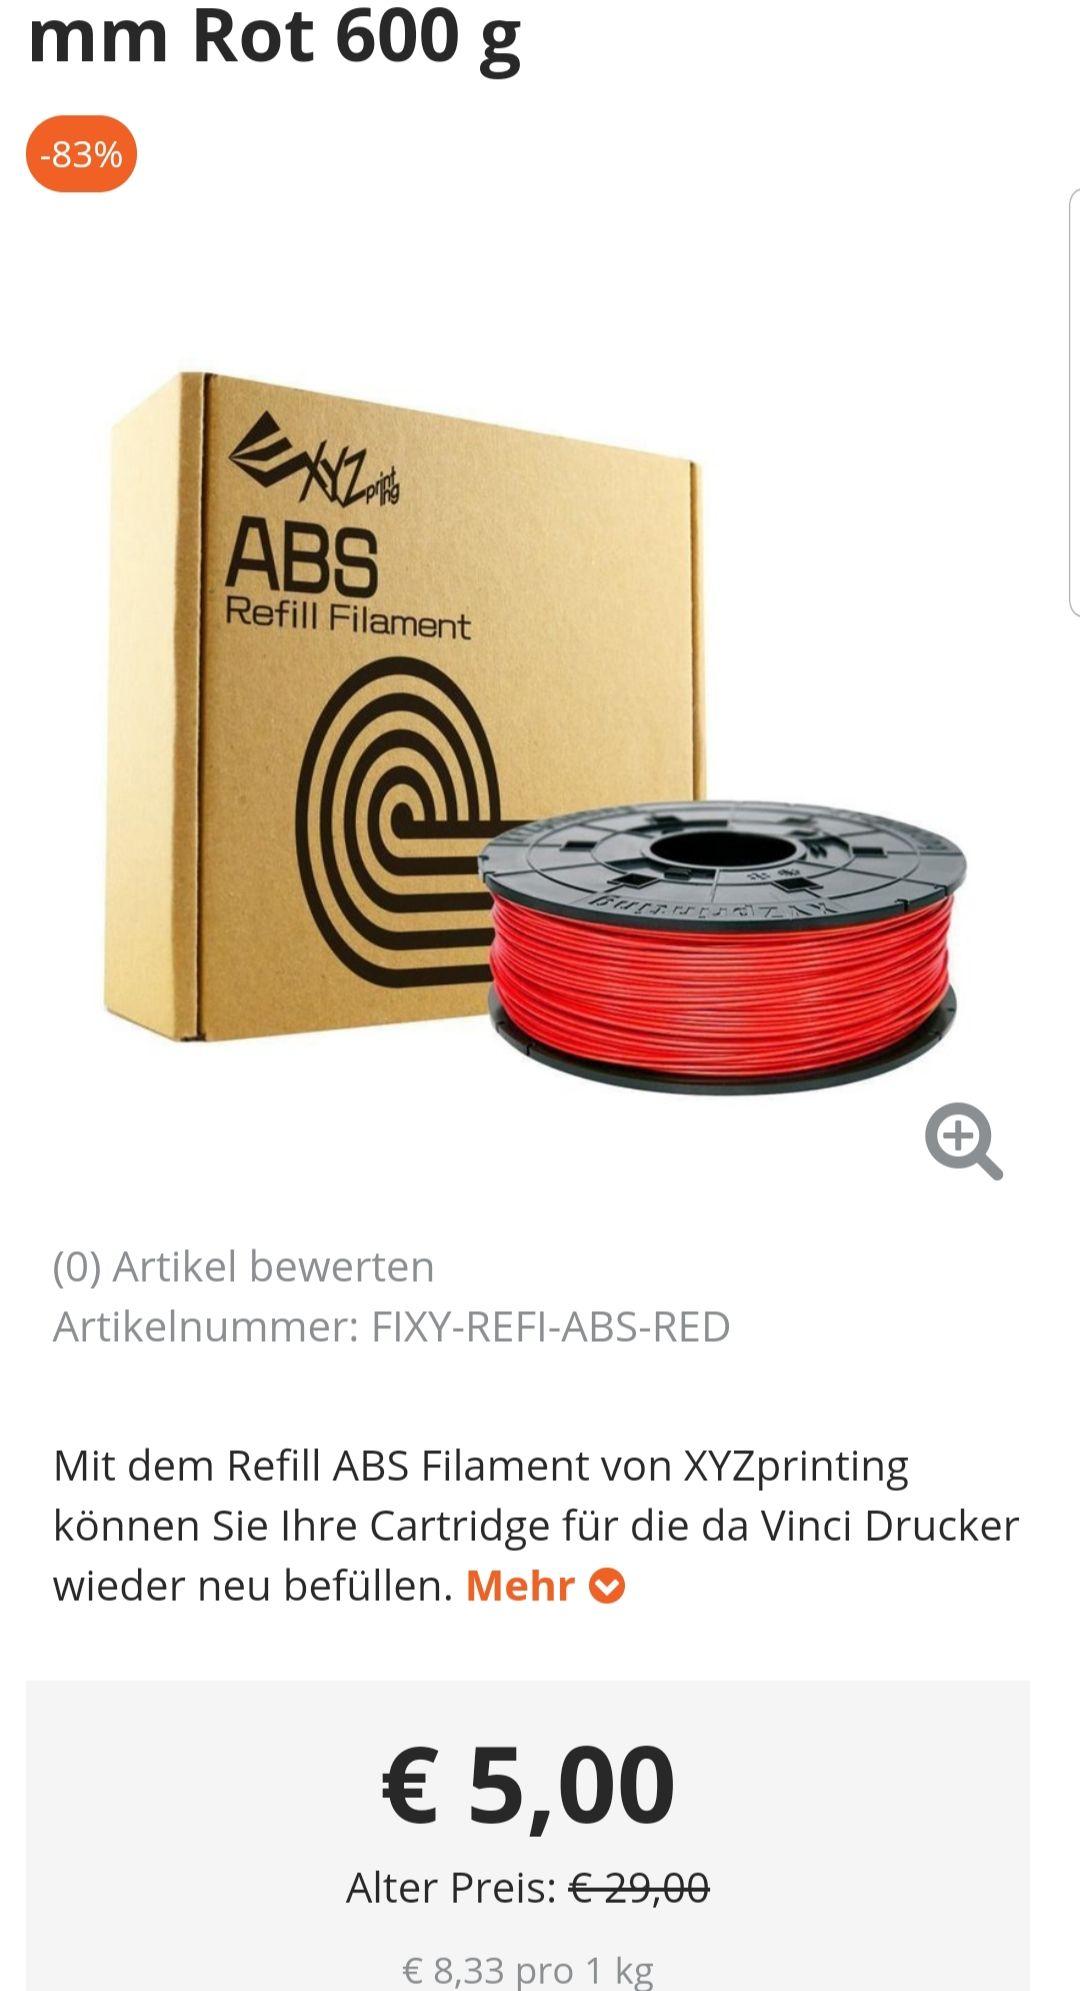 ABS filament 600g. Für 5€ (8.33€ kg.) + 4.99€ Versandkosten